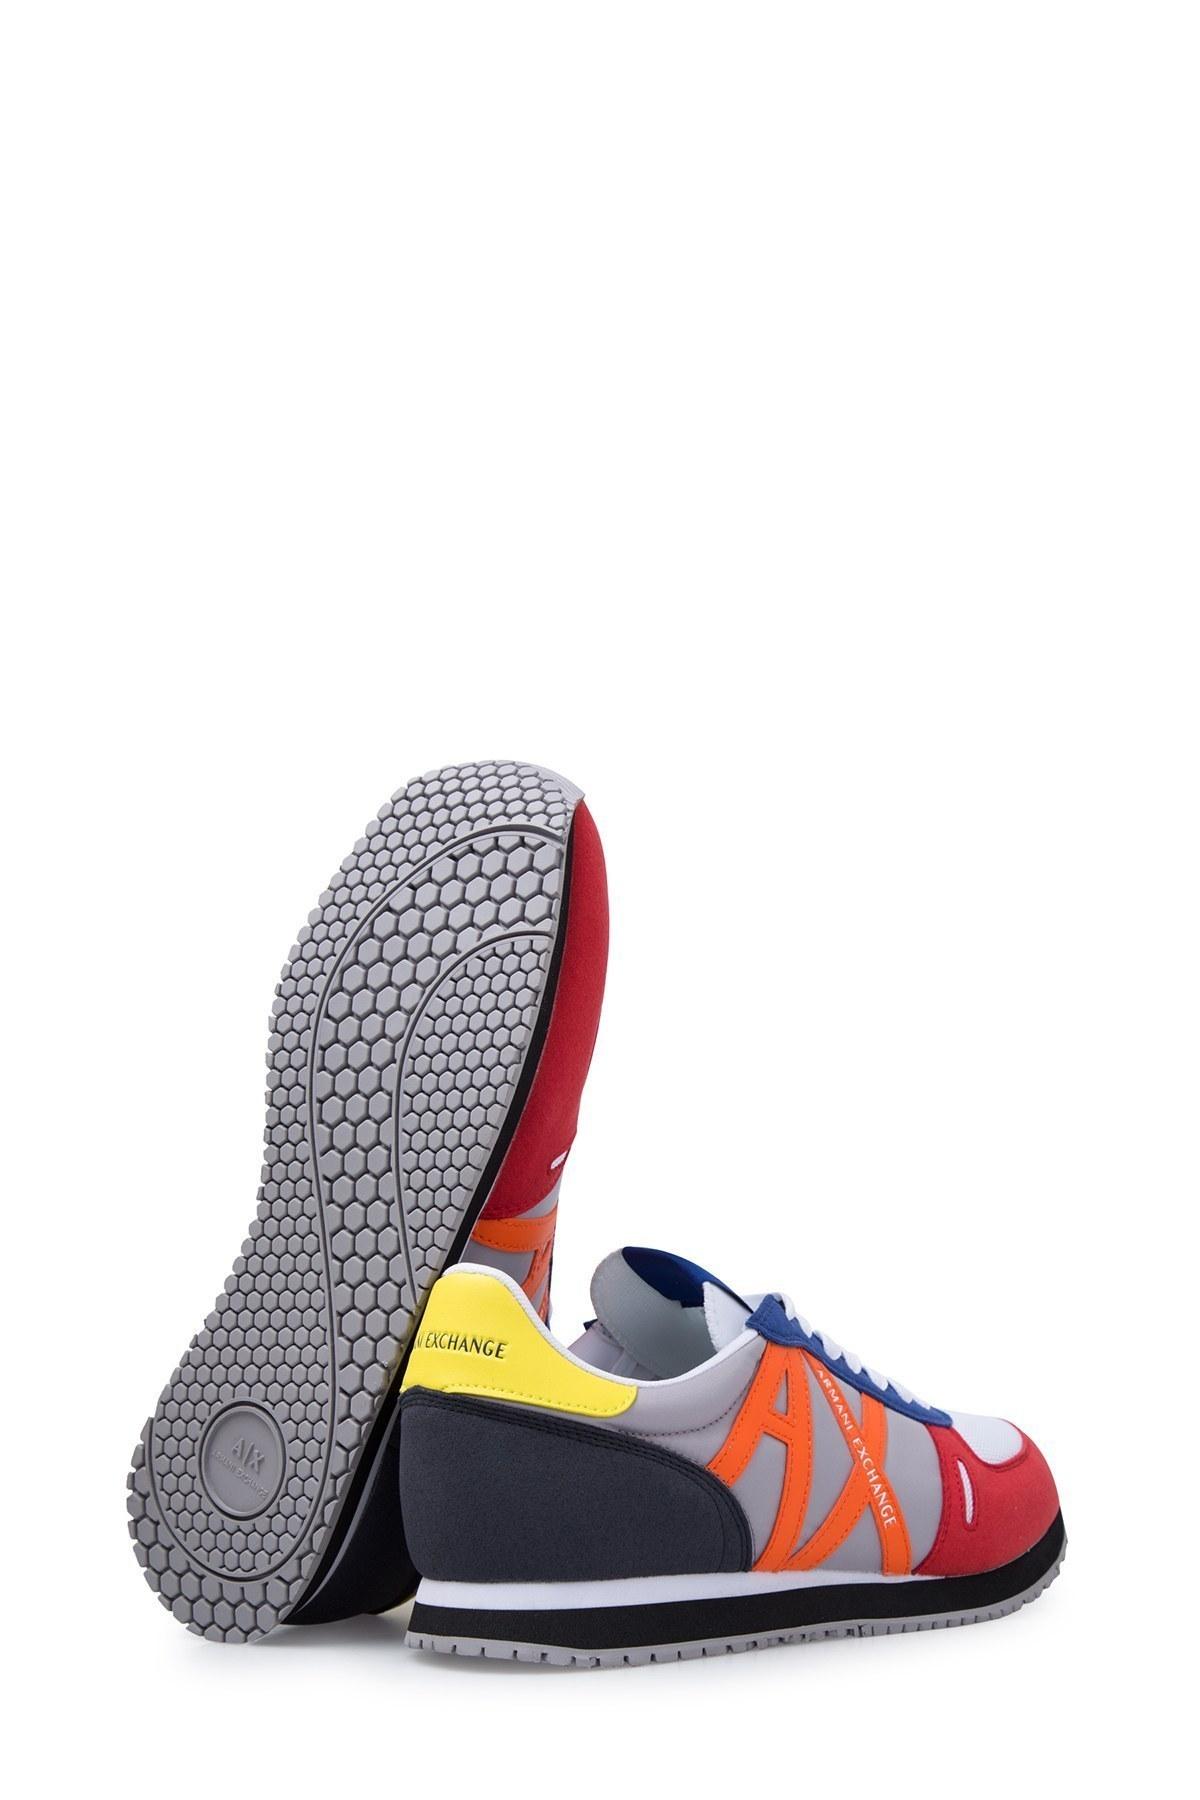 Armani Exchange Erkek Ayakkabı XUX017 XV028 K492 KIRMIZI-SAKS